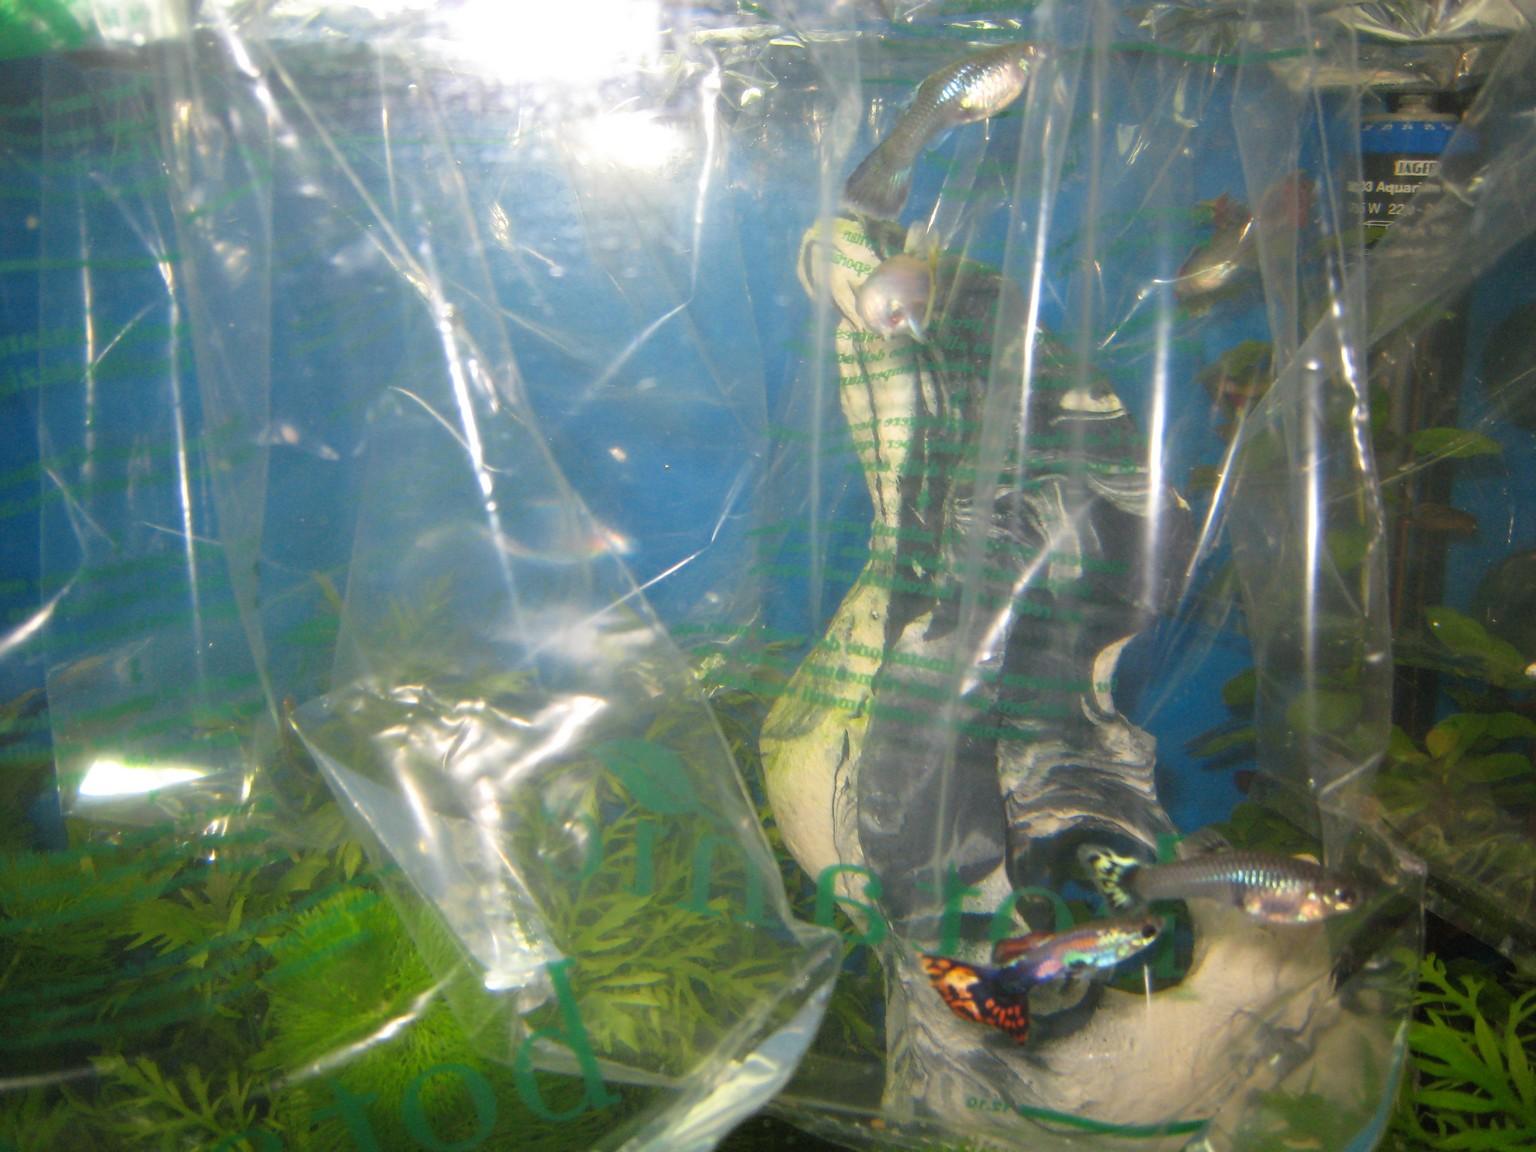 Mon aquarium les poissons - Poisson a ventouse ...